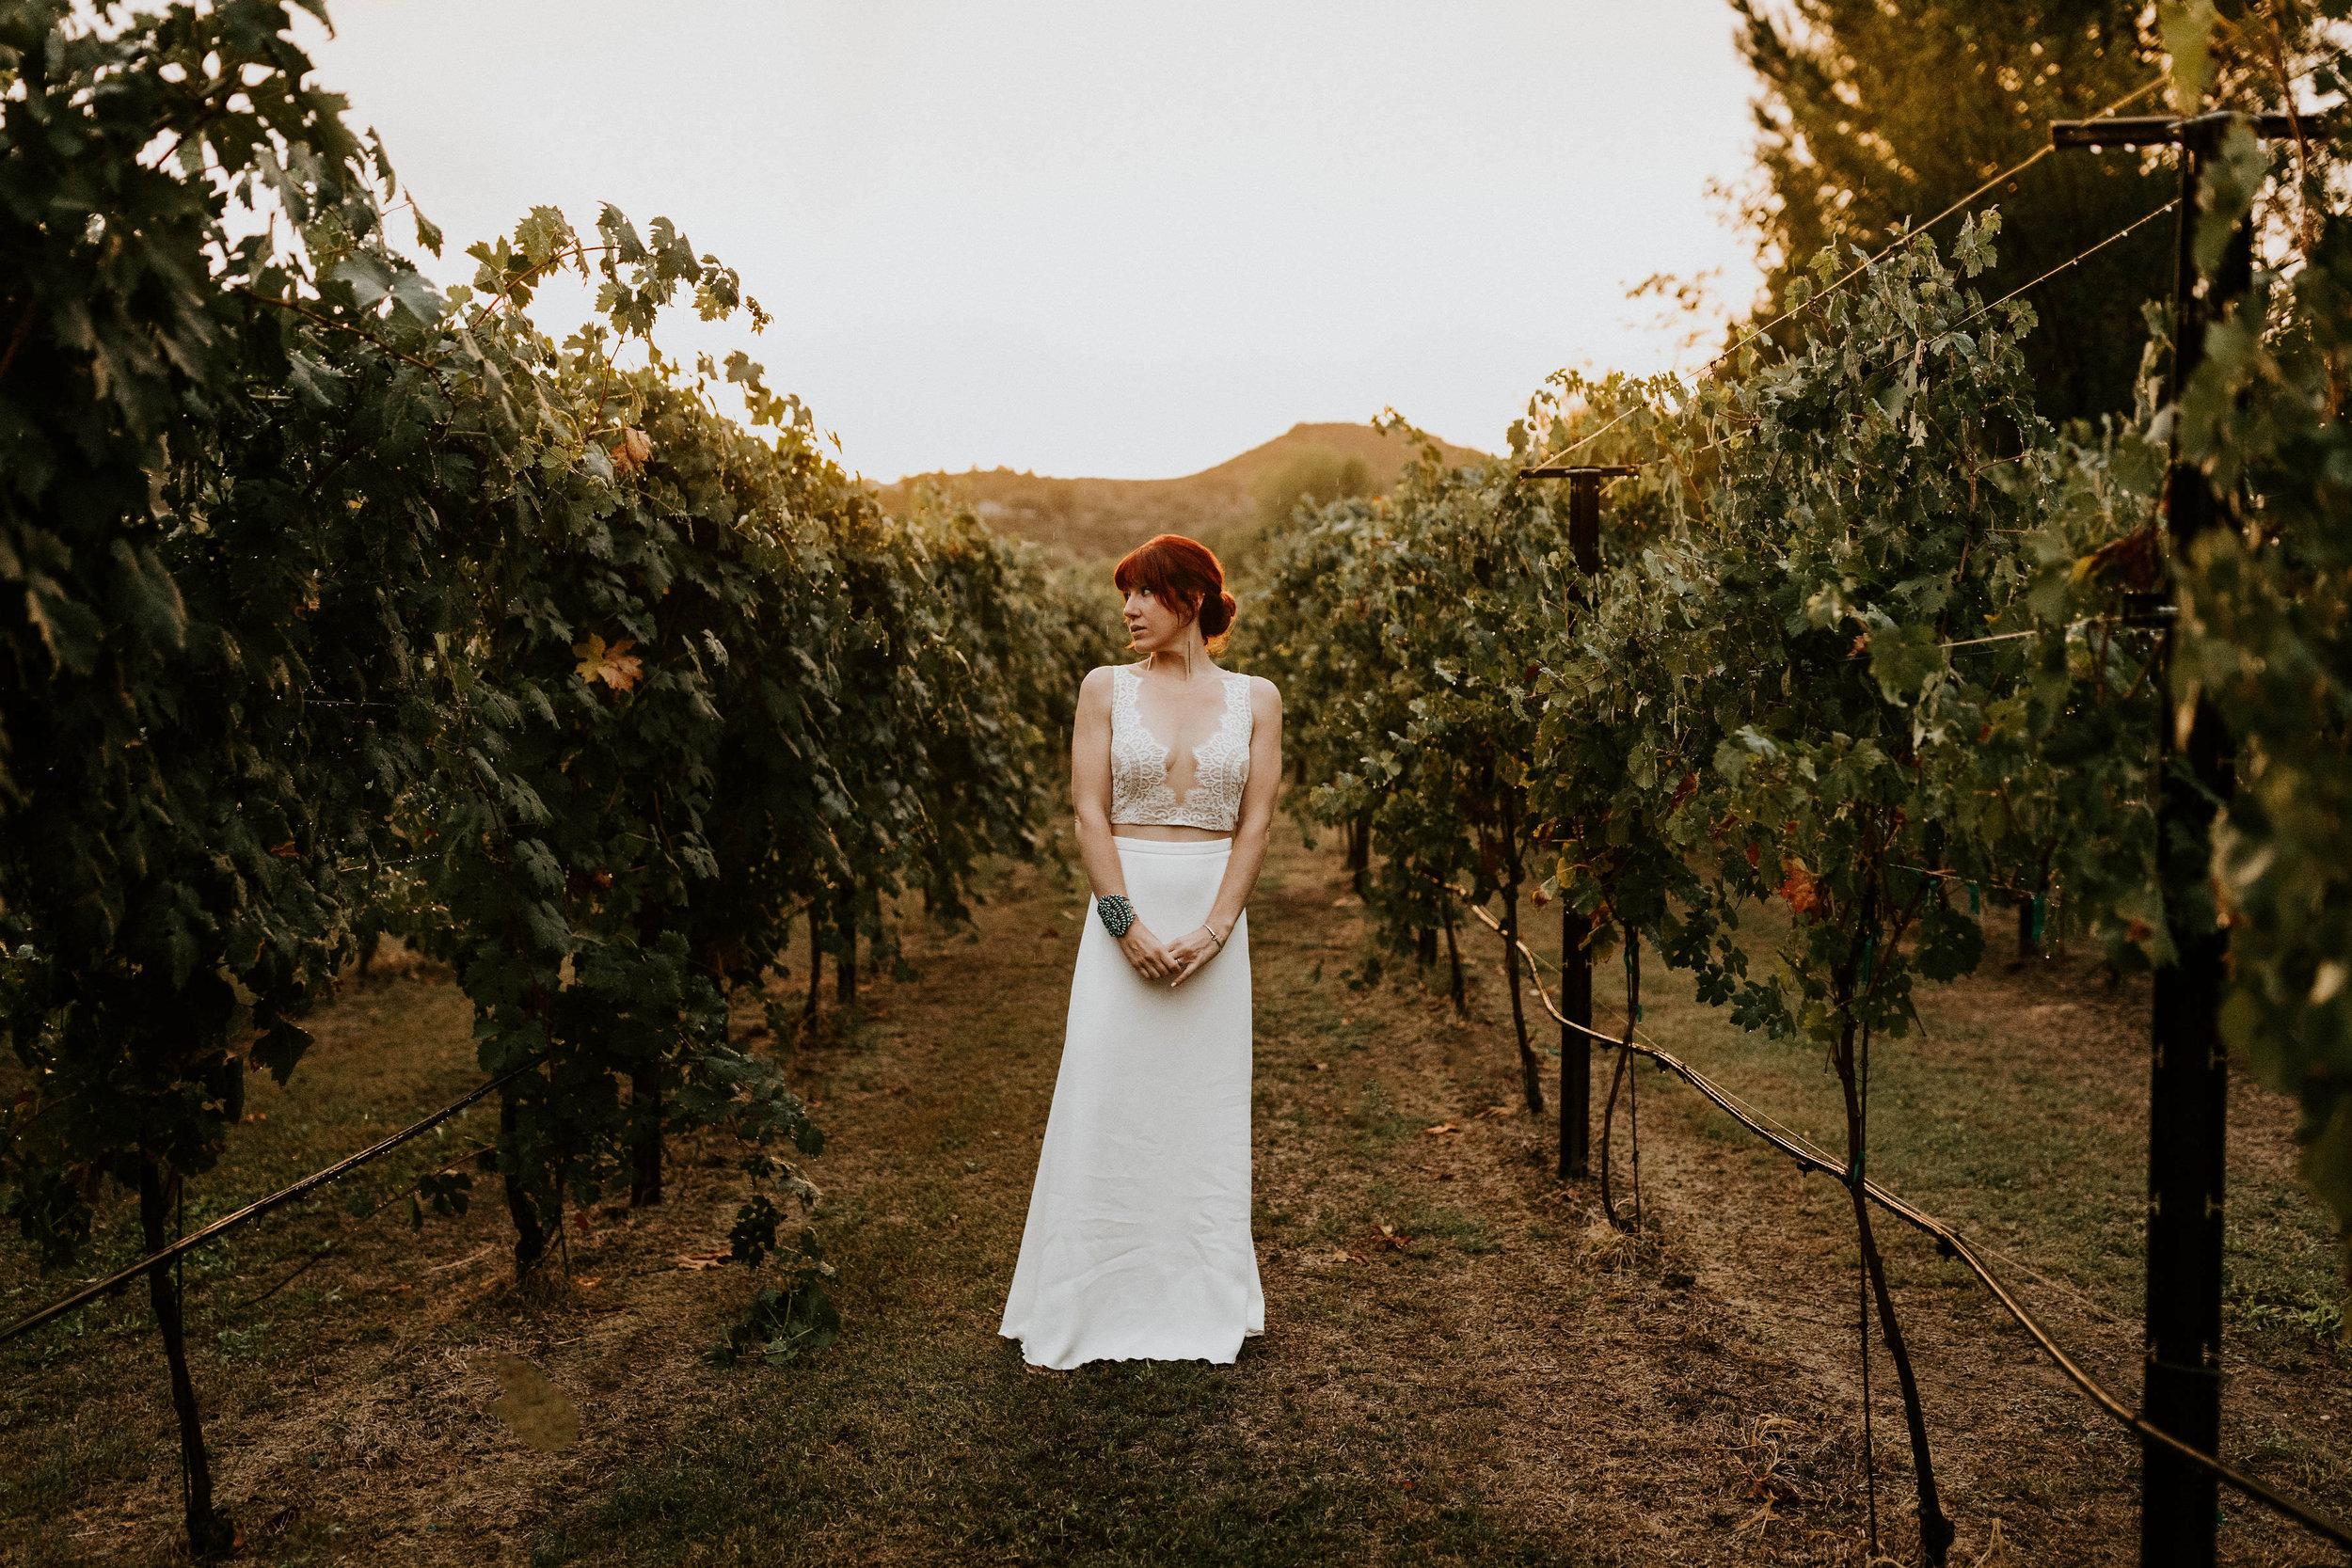 Bride in Vineyard in Sedona Arizona